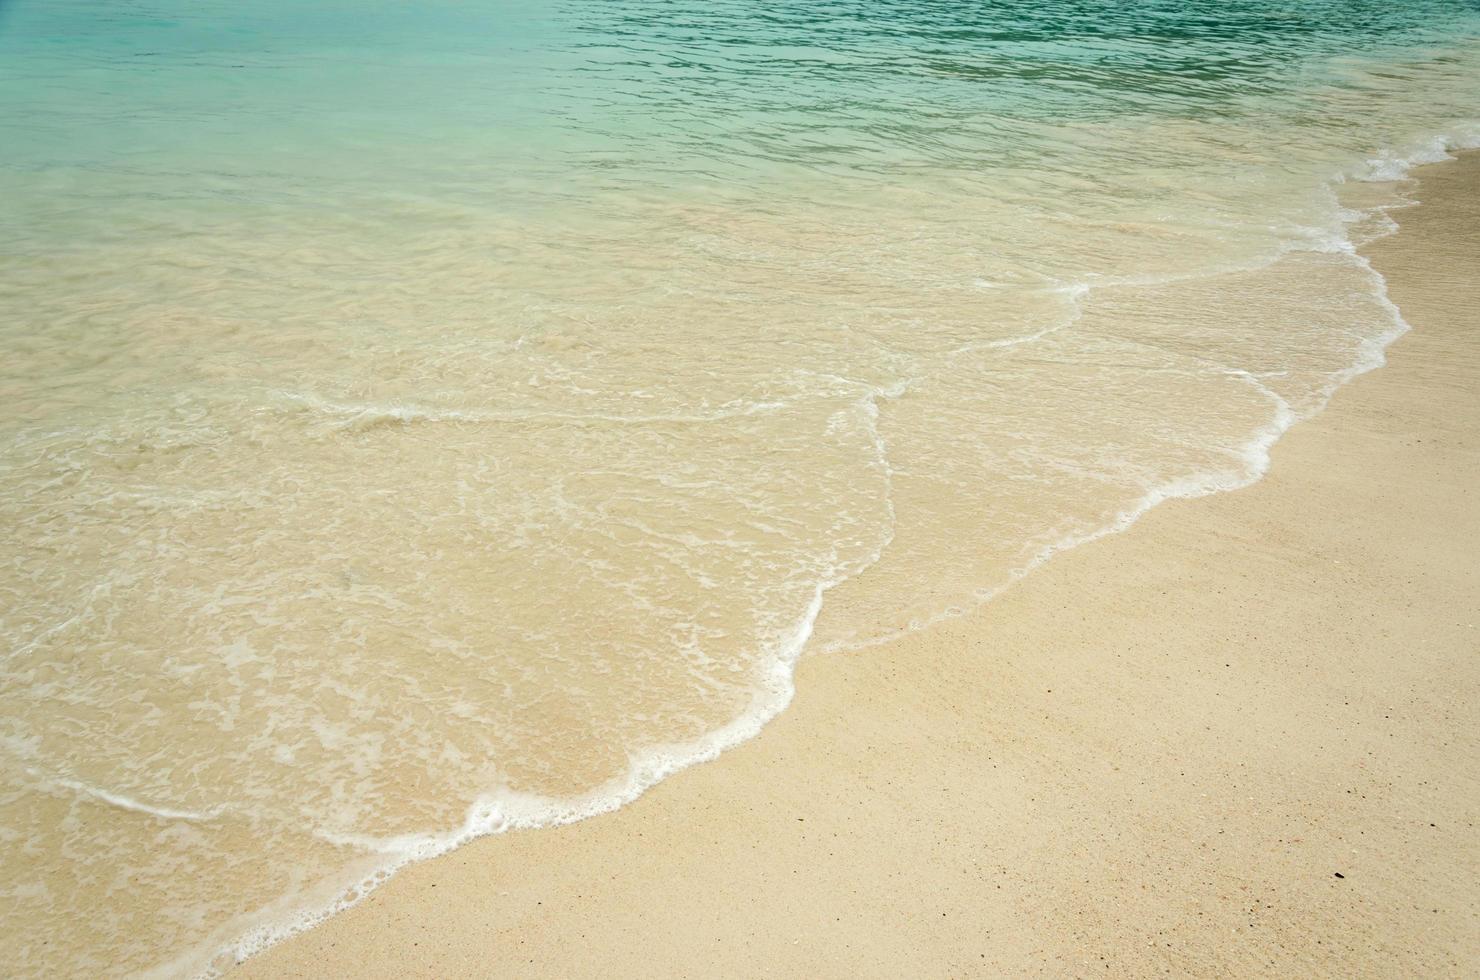 tropische strandgolven foto